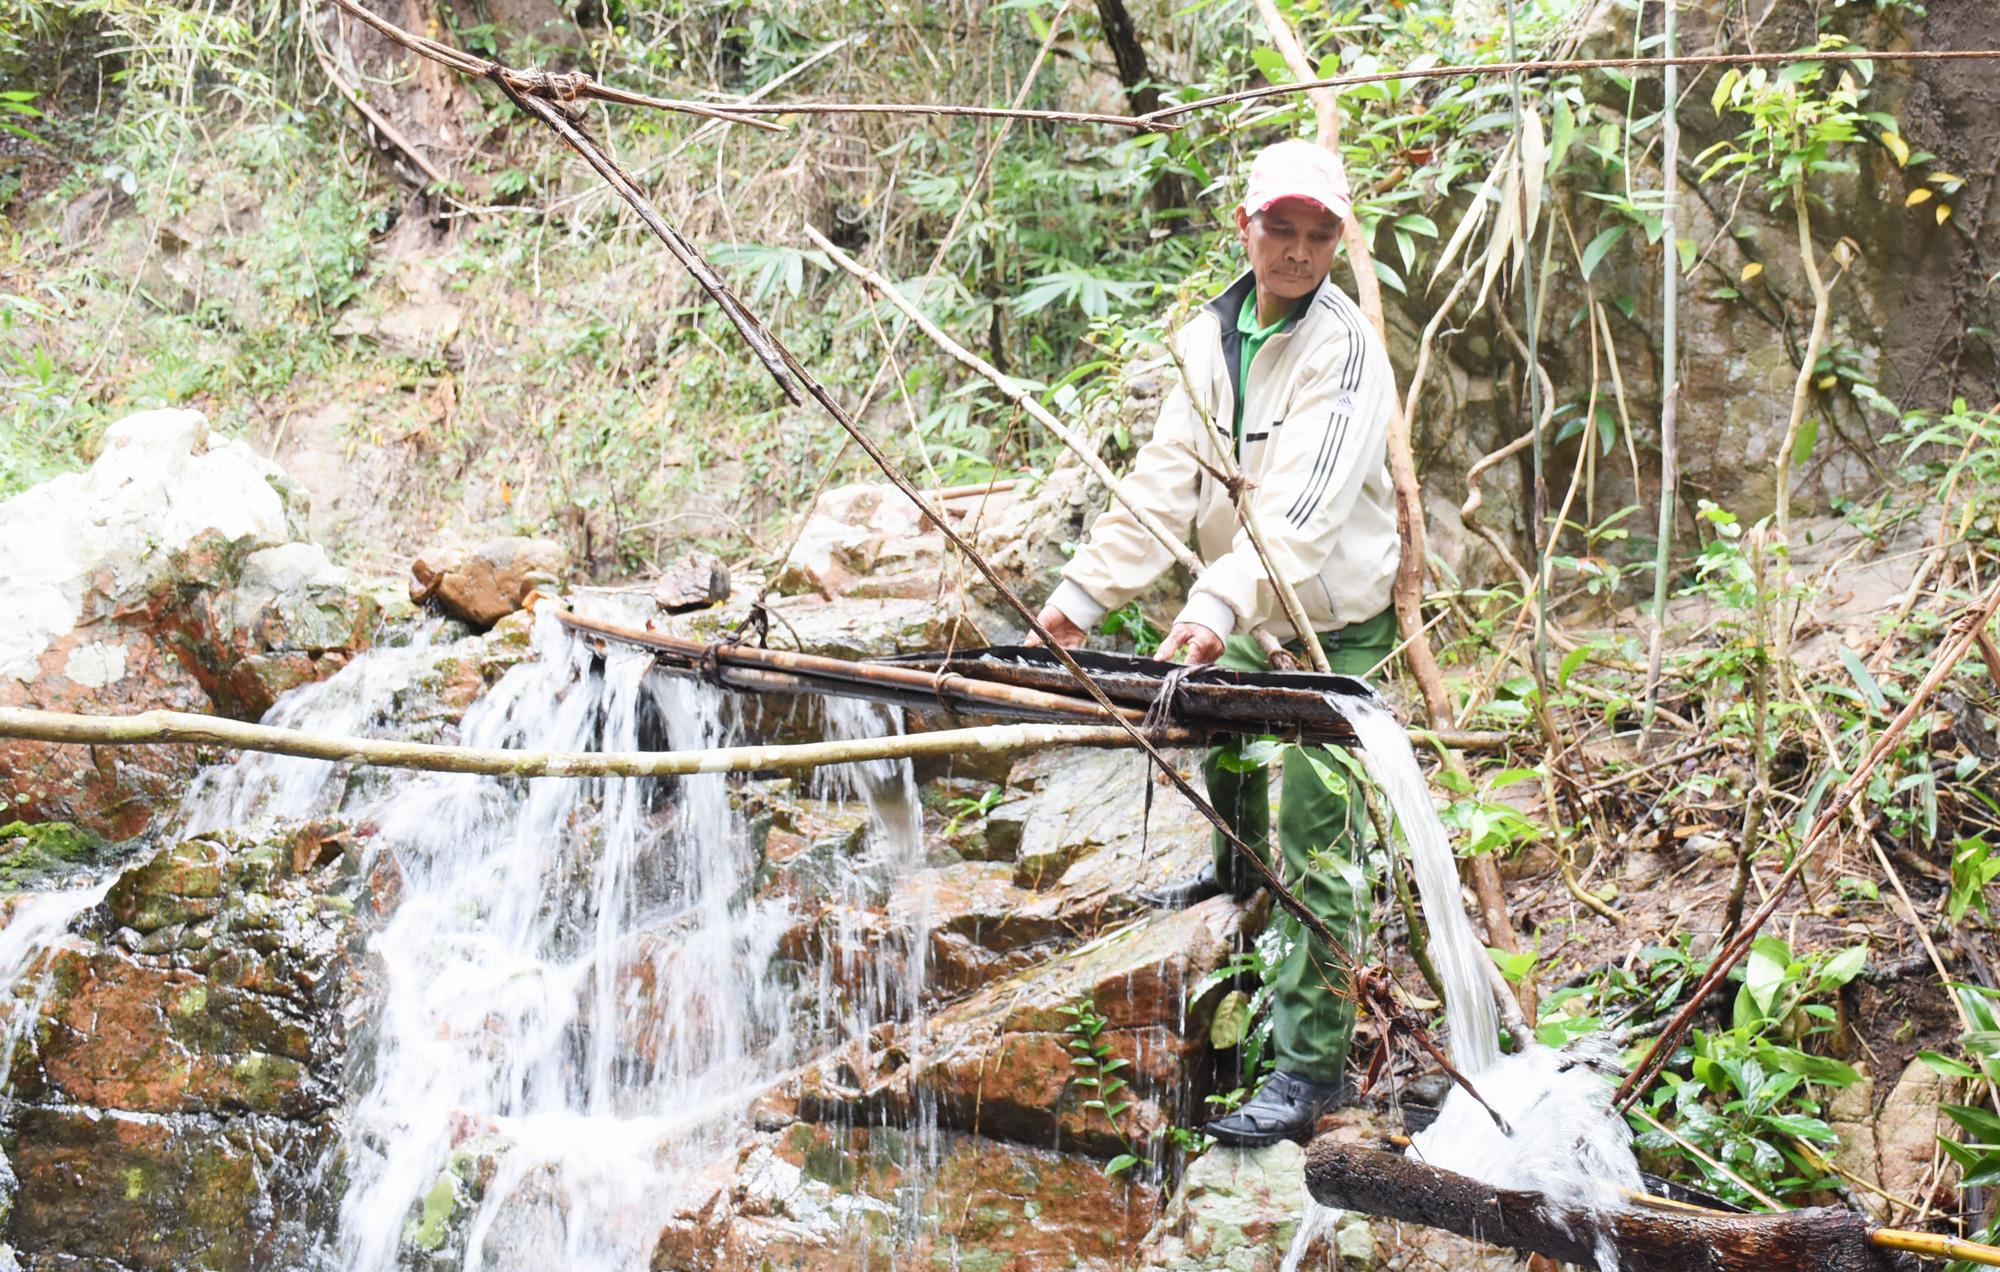 Gia Lai: Vùng đất lạ lẫm, nông dân làm ra thứ đàn cứ có nước suối chảy mới thành thứ thanh âm vọng về - Ảnh 1.